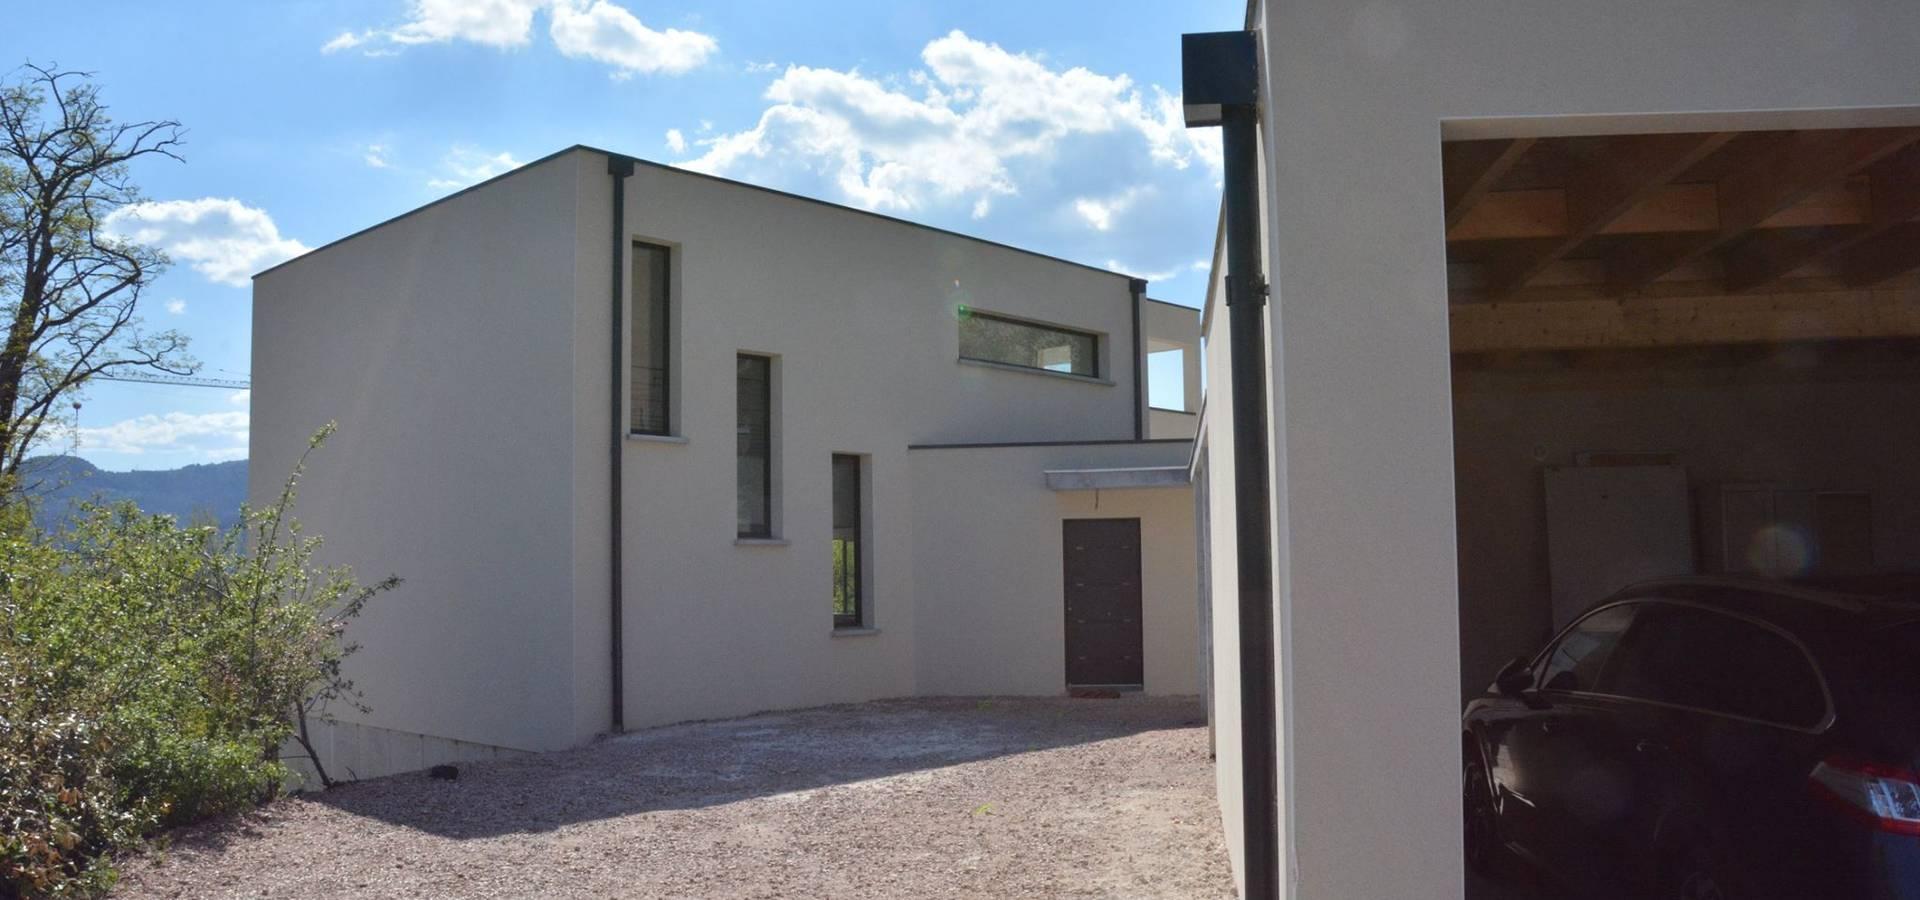 Maison moderne à Clermont-Ferrand von Créaxia | homify